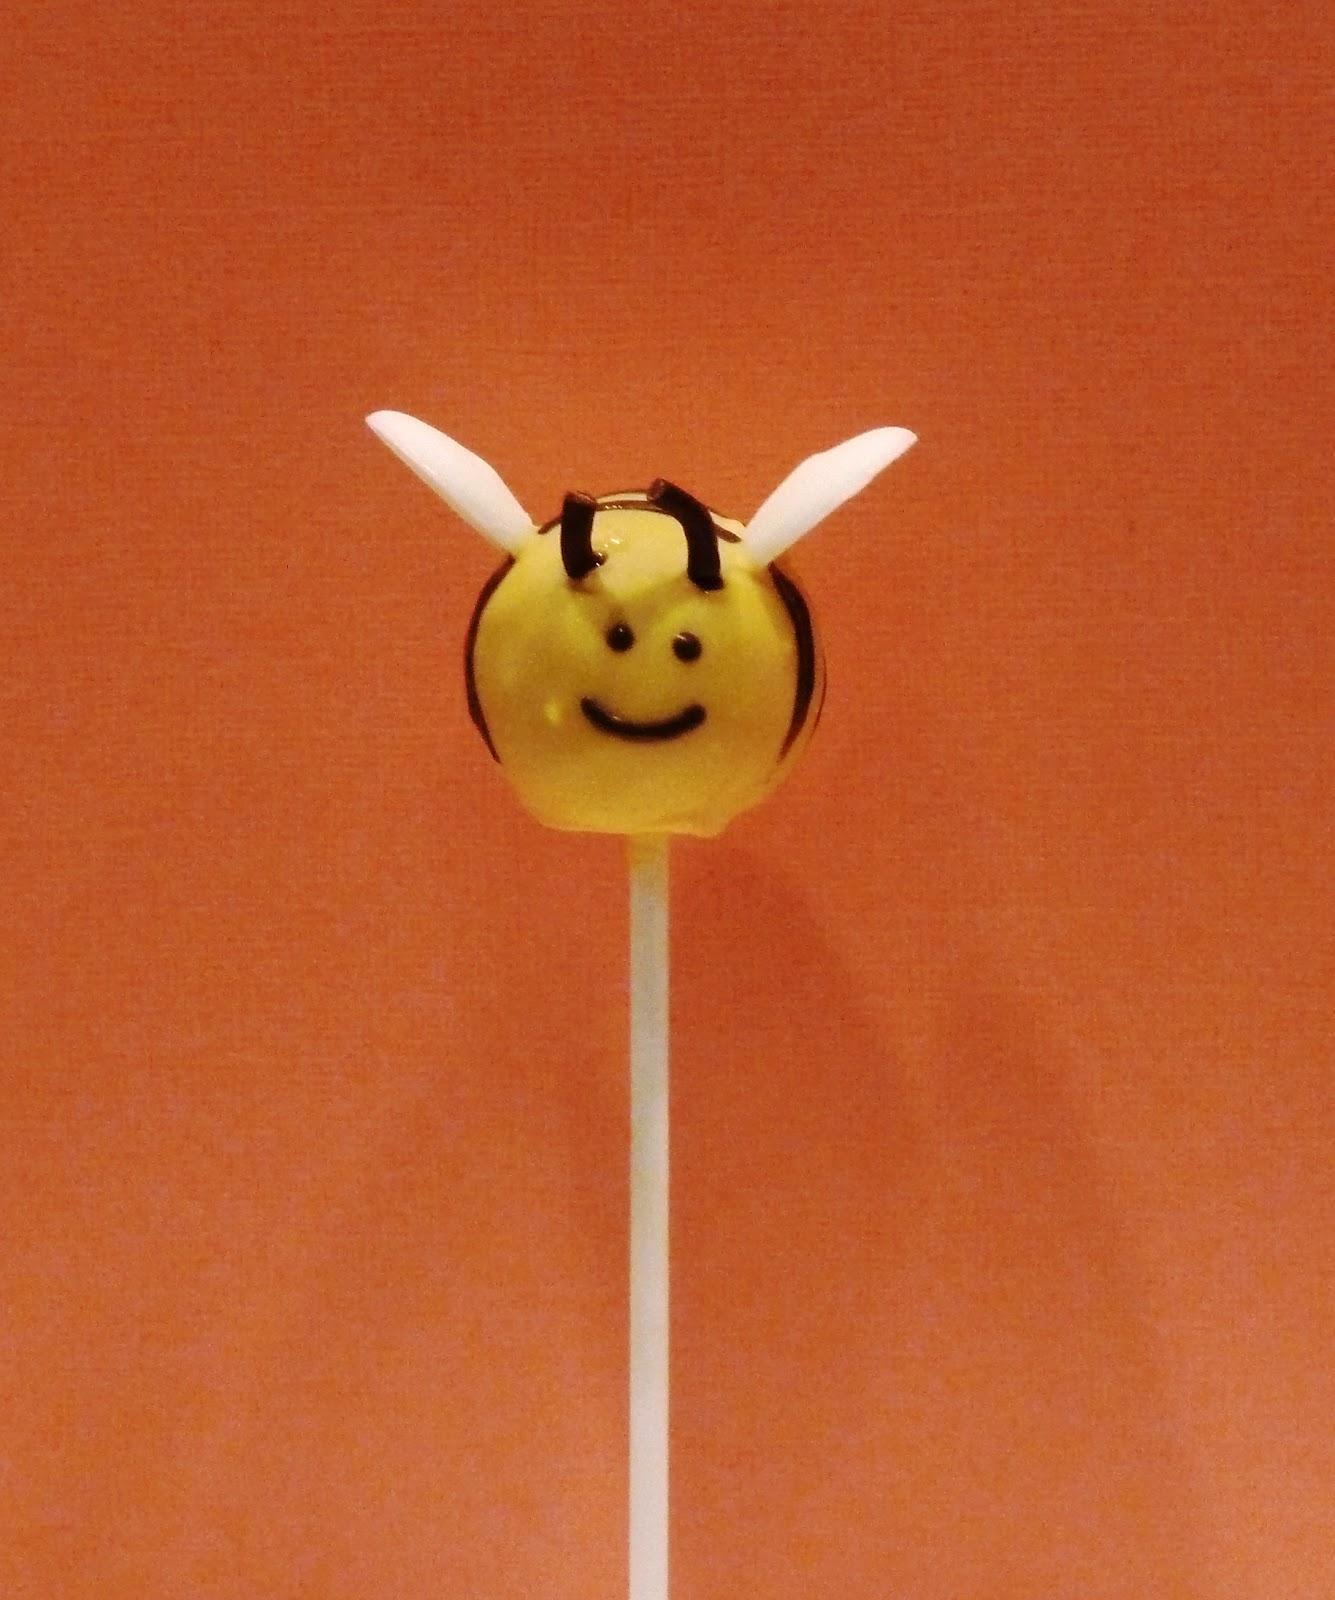 http://3.bp.blogspot.com/-GCcZyeBRCEM/T4jQ8l18QiI/AAAAAAAABWY/SQPkqACxRjU/s1600/BEE+CAKE+POPS.jpg